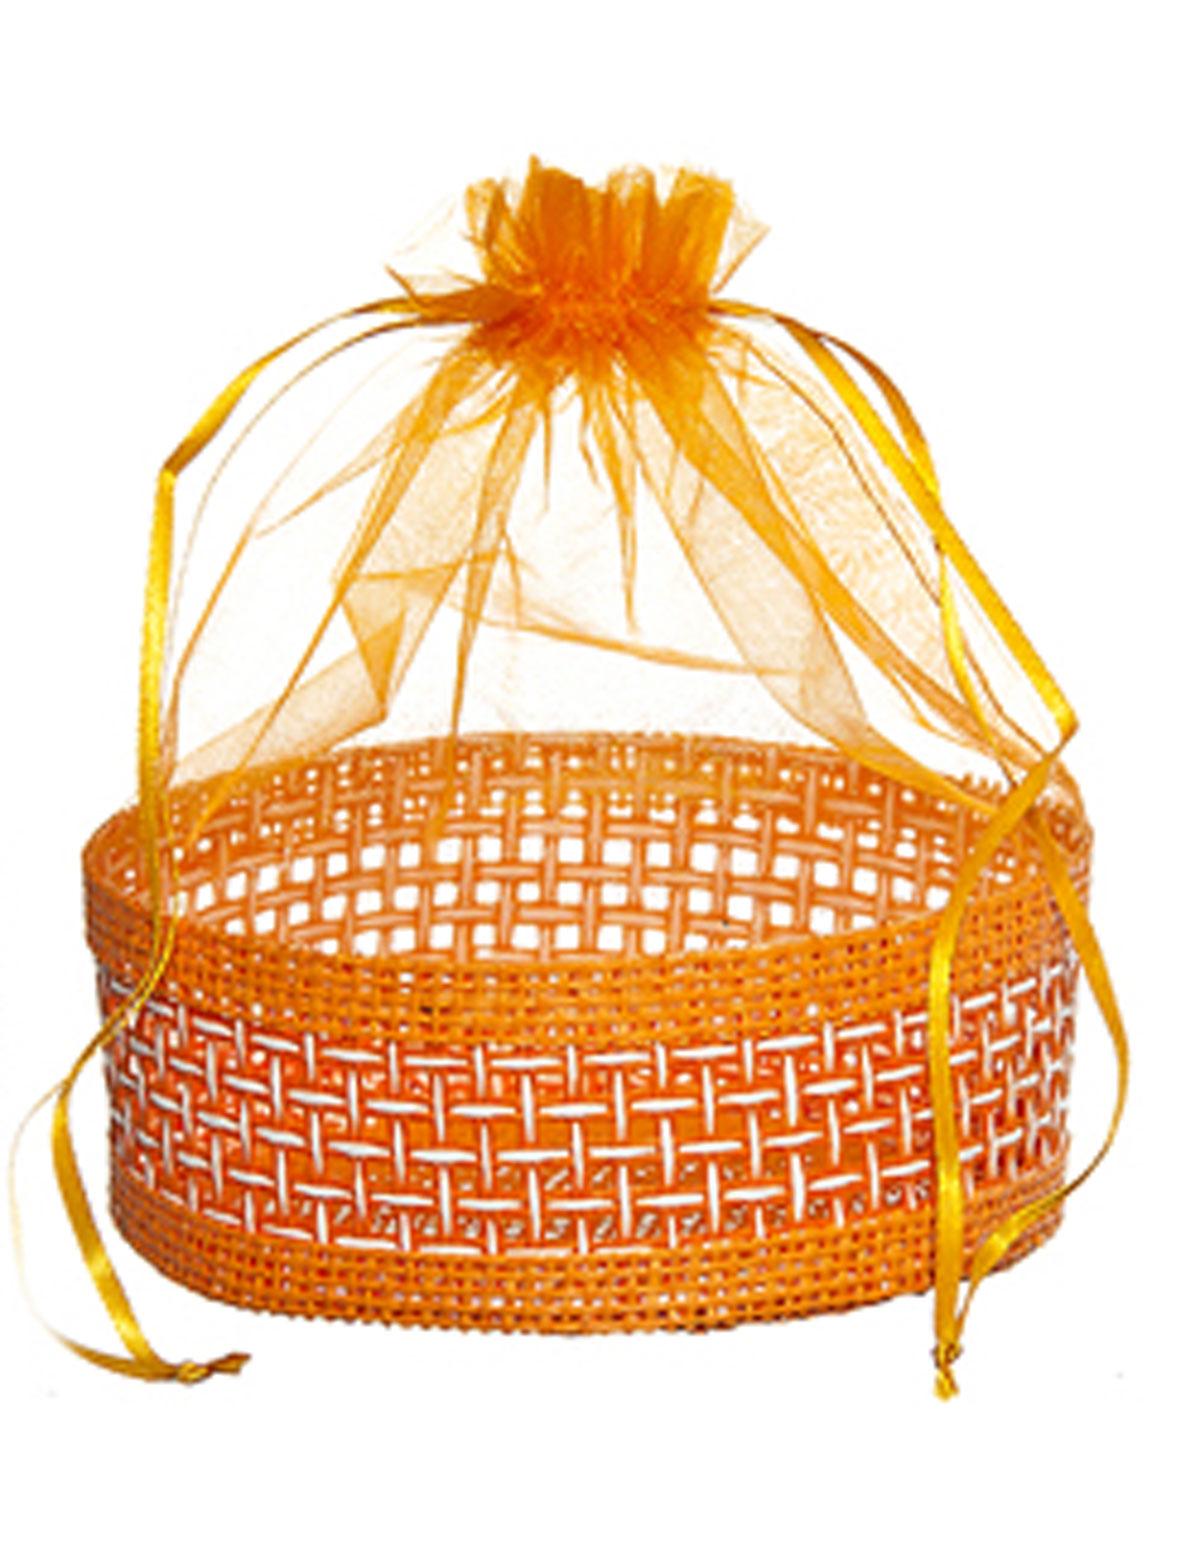 Корзинка Home Queen Подарок, цвет: оранжевый, 13 см х 20 см66826_1Декоративная корзинка Home Queen Подарок прекрасно подойдет в качестве подарочной упаковки, в ней также удобно хранить различные бытовые и косметические принадлежности. Изделие имеет жесткое основание в виде плетеной корзинки, верх выполнен из полупрозрачного полиэстера. Корзинка закрывается на кулиску.